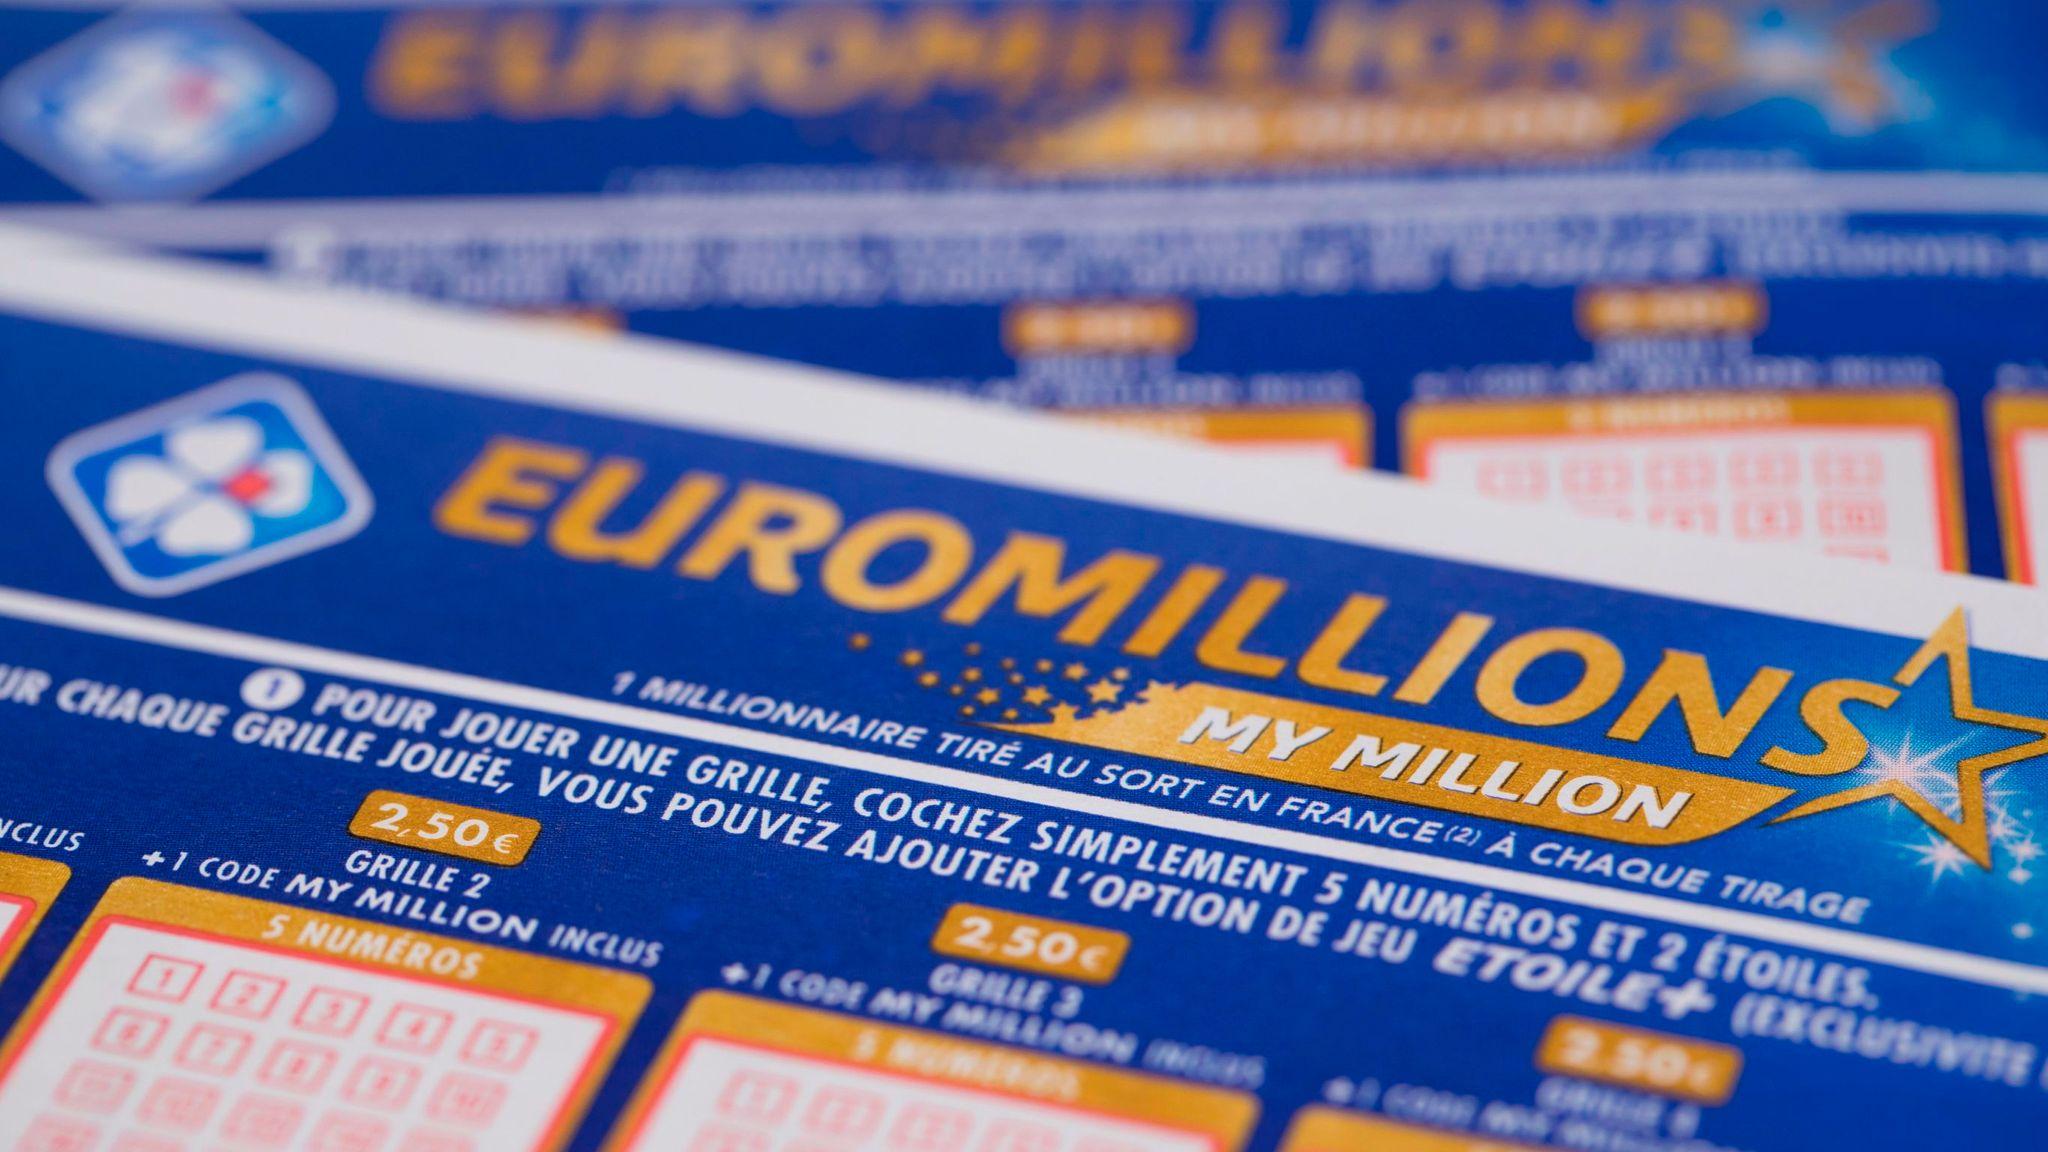 Лотерея евромиллионы — как играть из россии: правила, покупка билета и получение выигрыша   лотереи мира